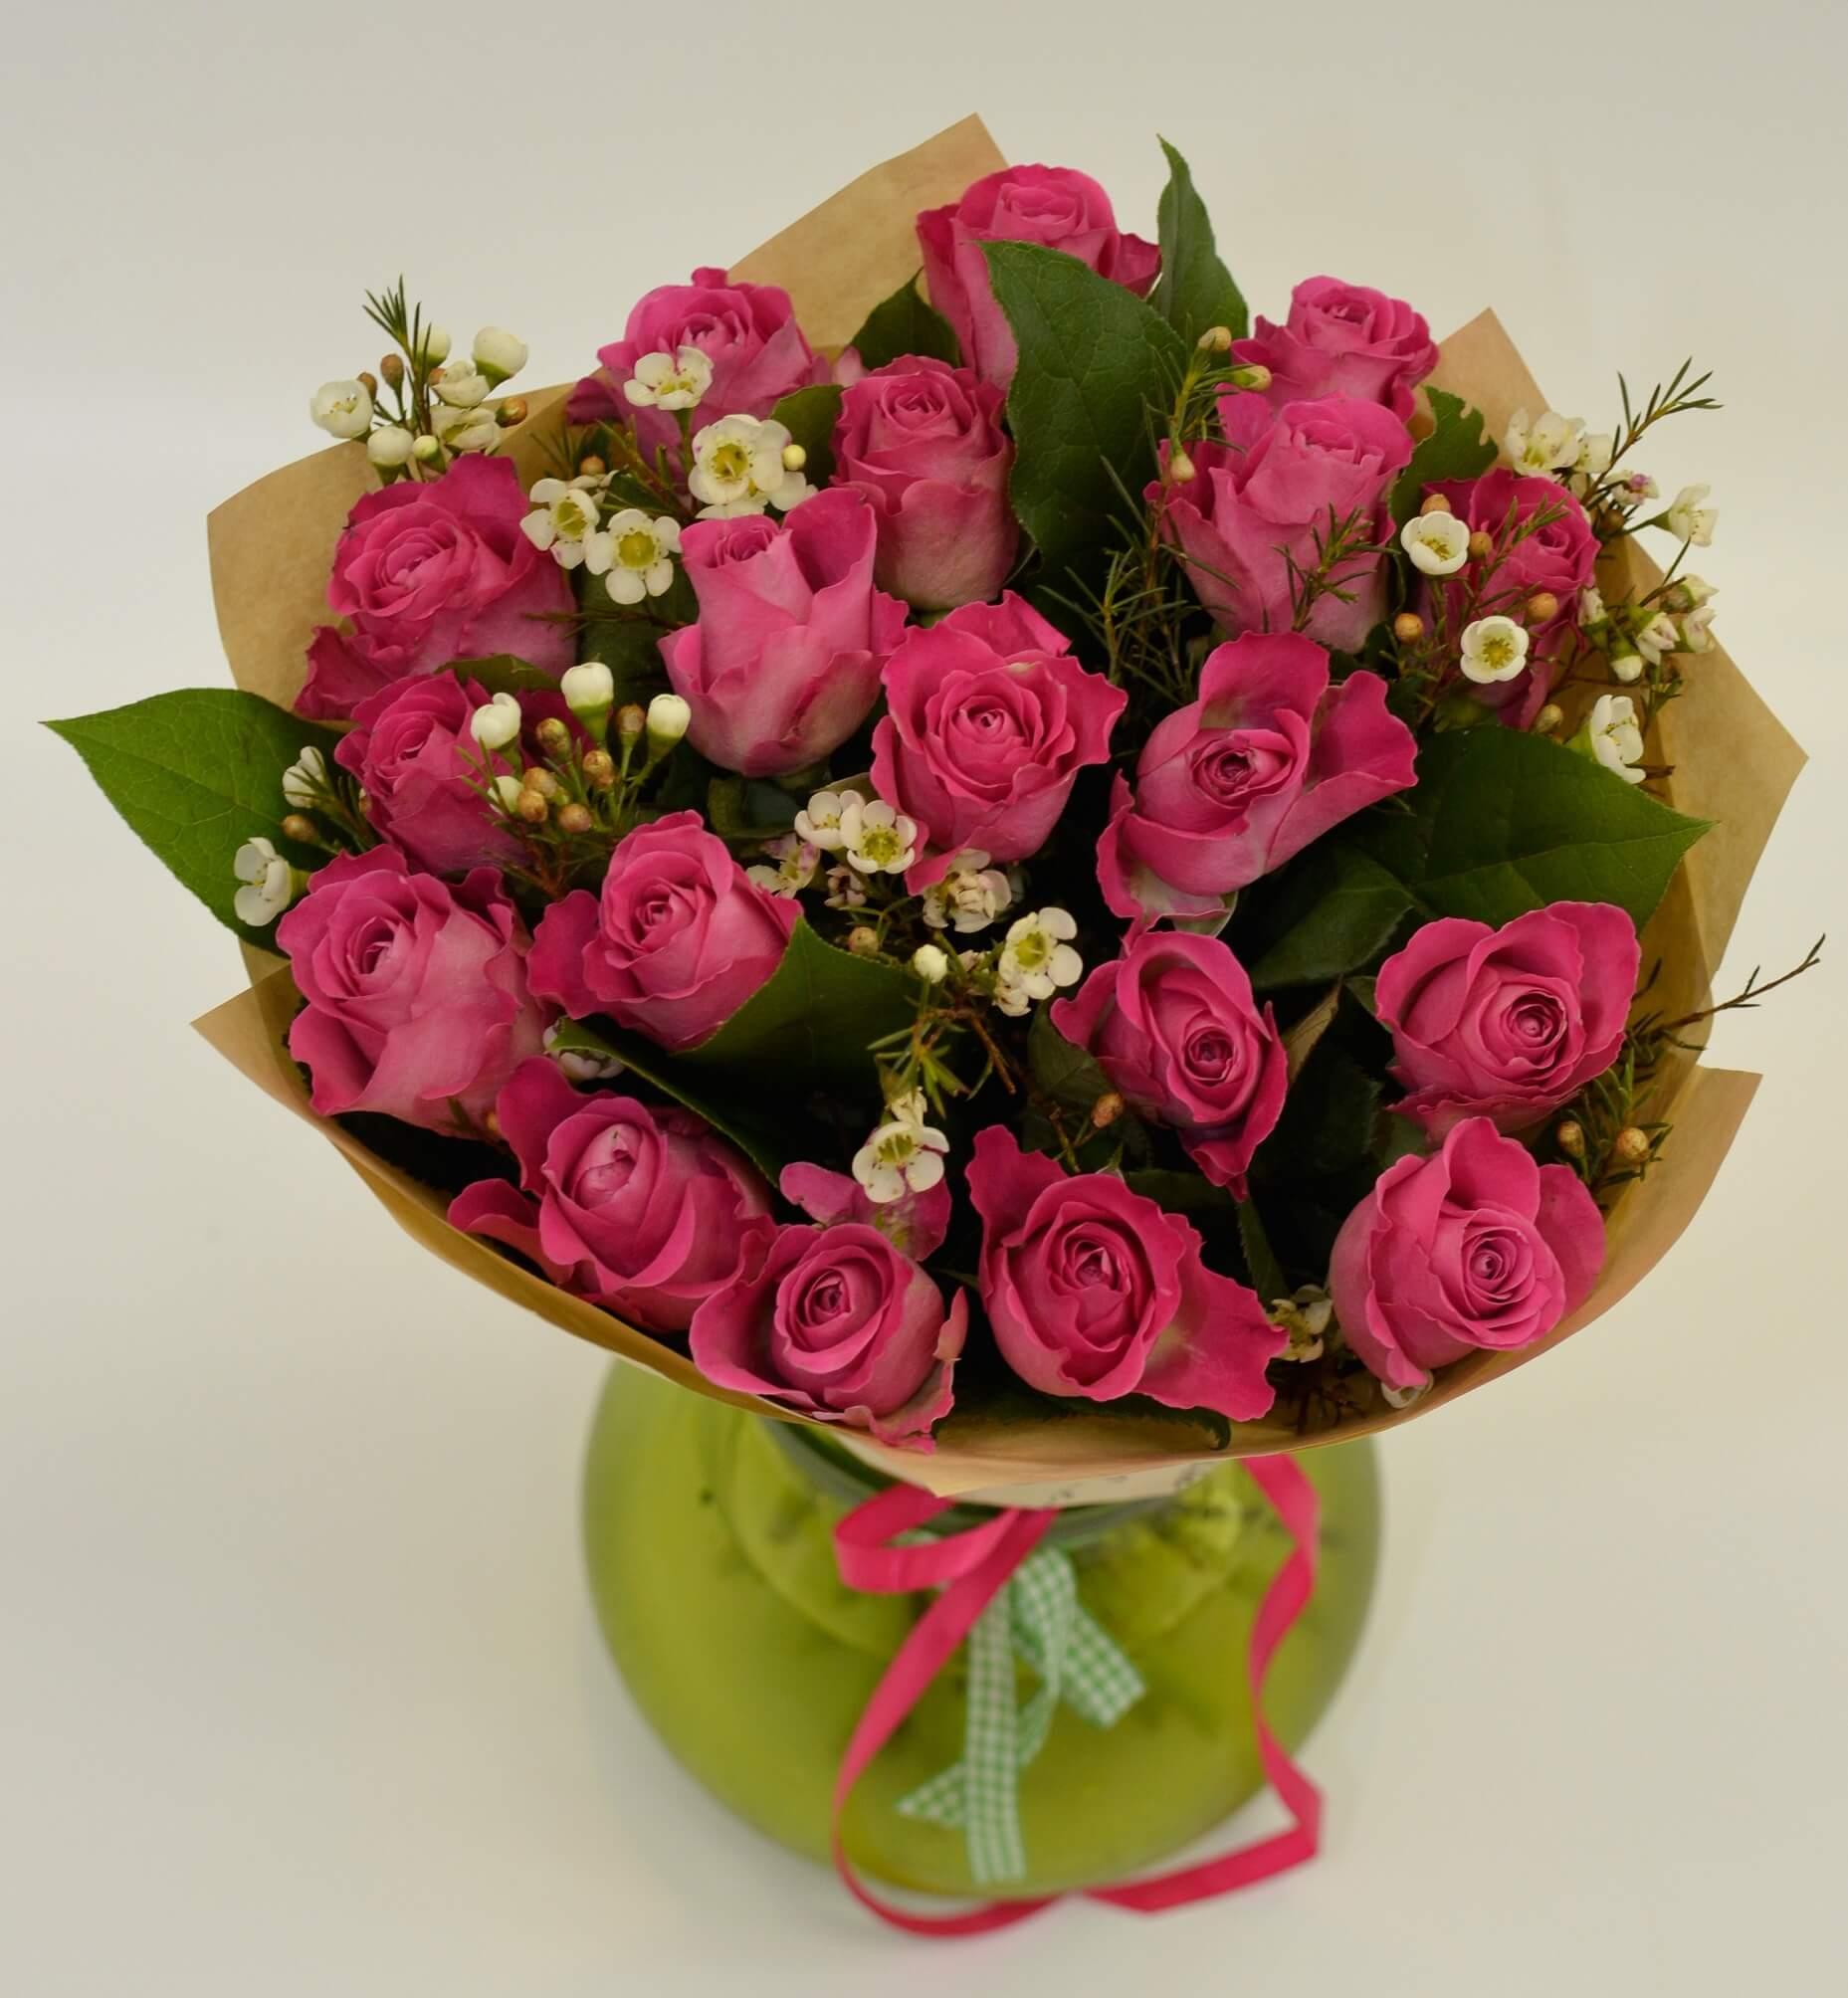 Заказ букетов цветов до 2000рублей доставка цветов елань волгоградская область